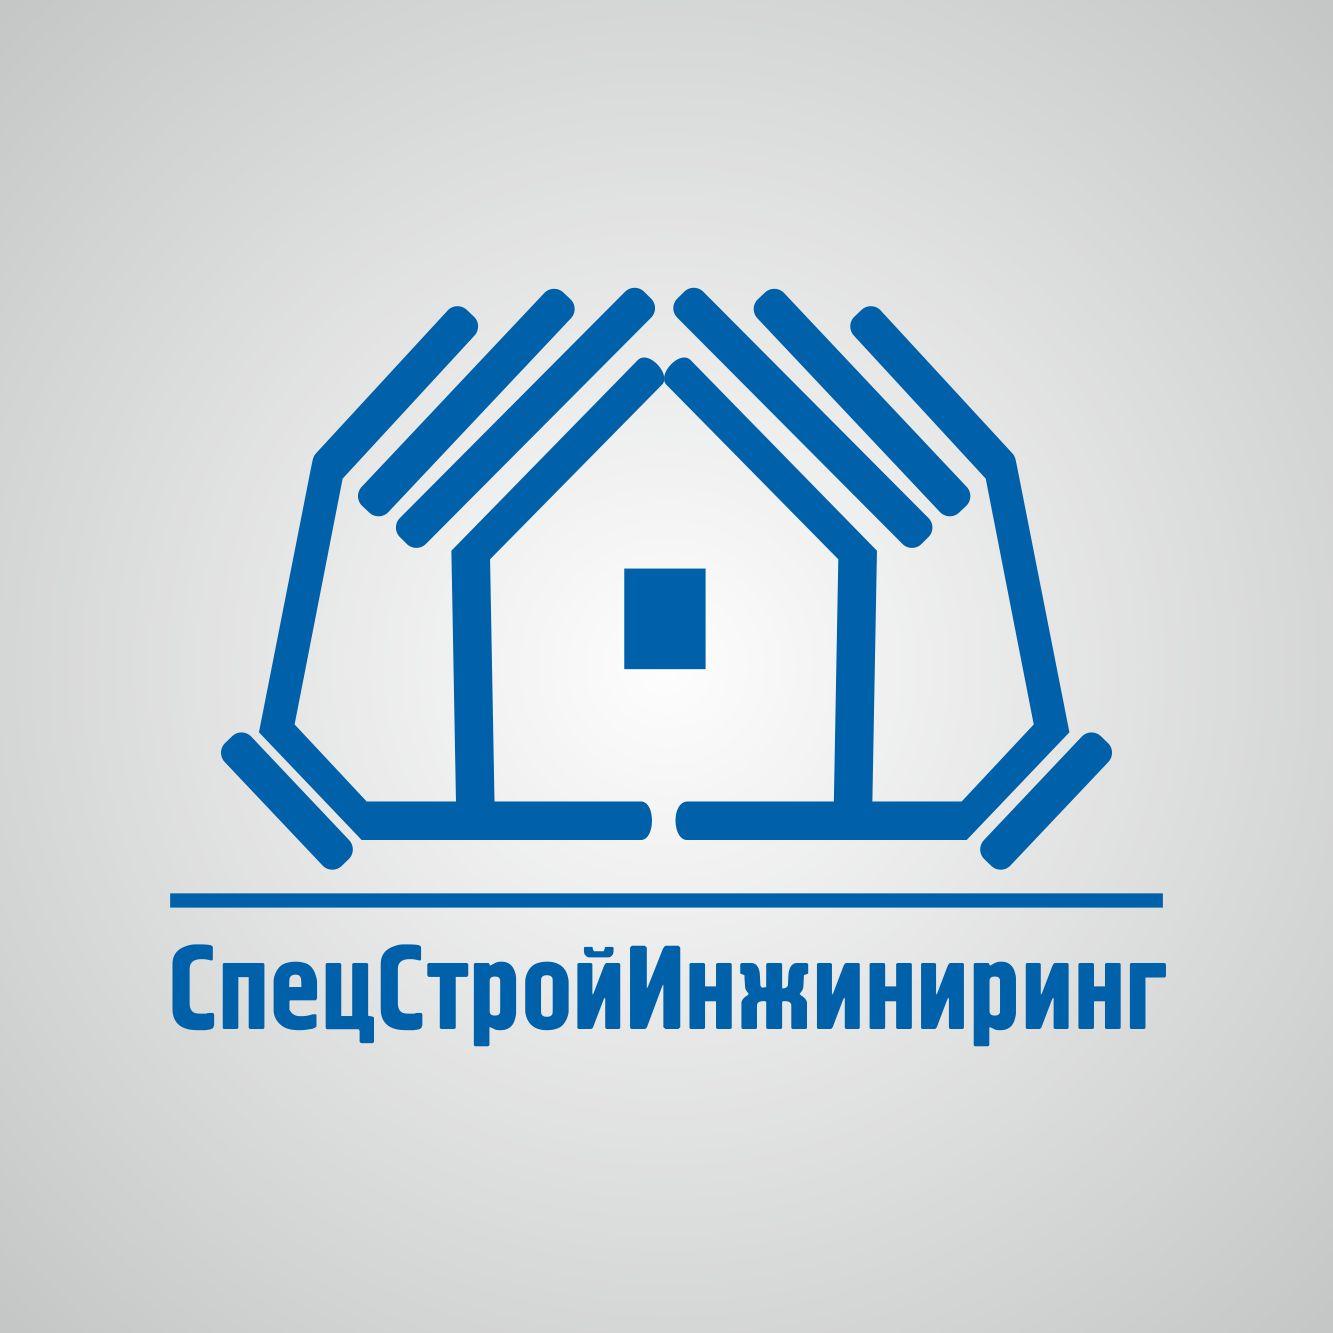 Логотип для строительной компании - дизайнер cfyz89